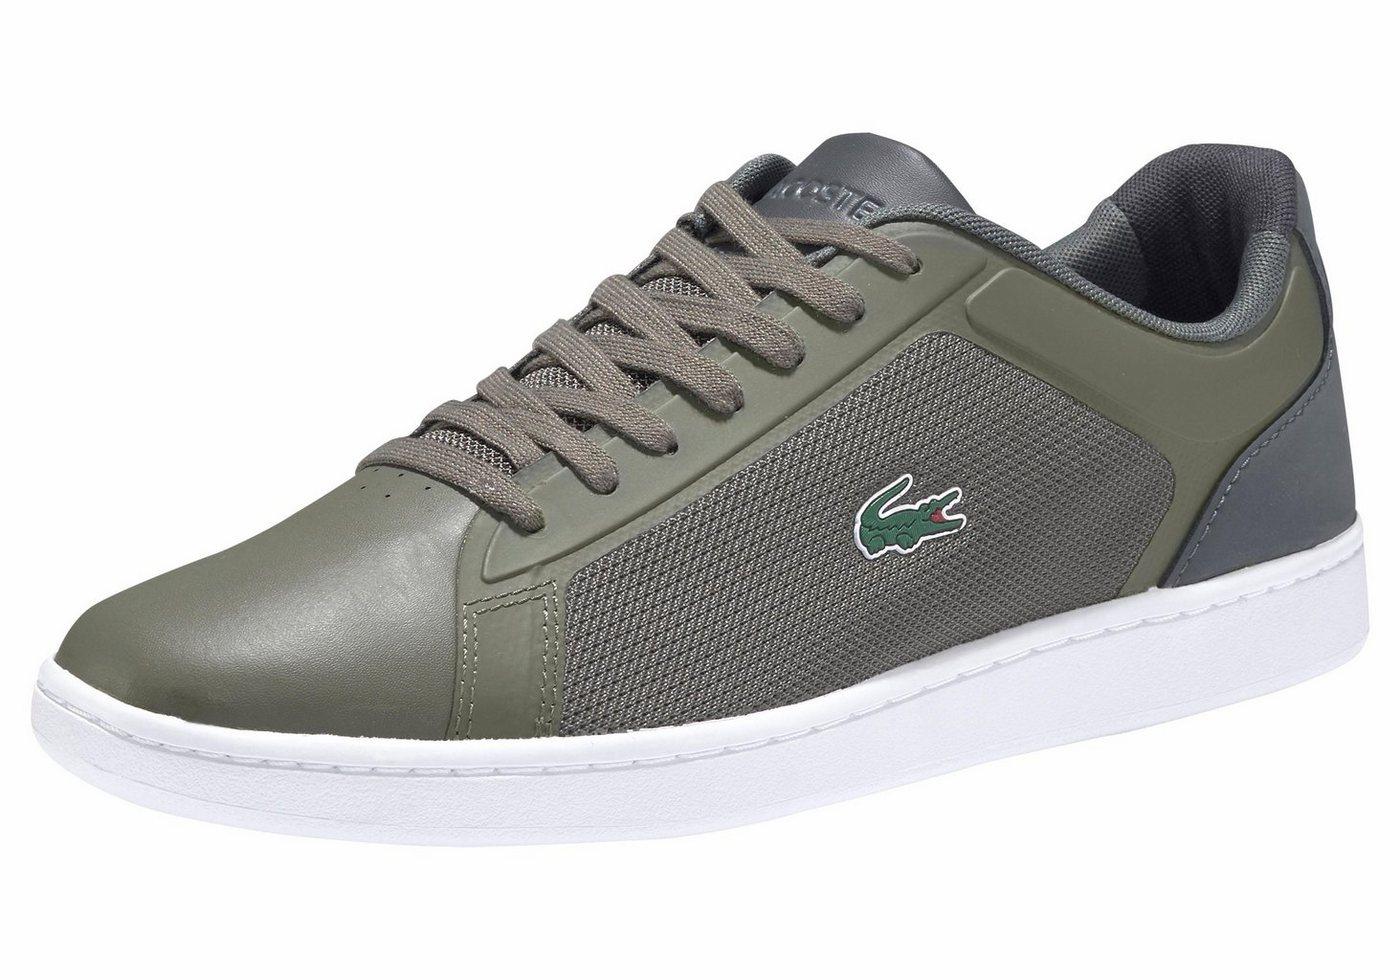 Lacoste »Endliner 217 1 SPM« Sneaker